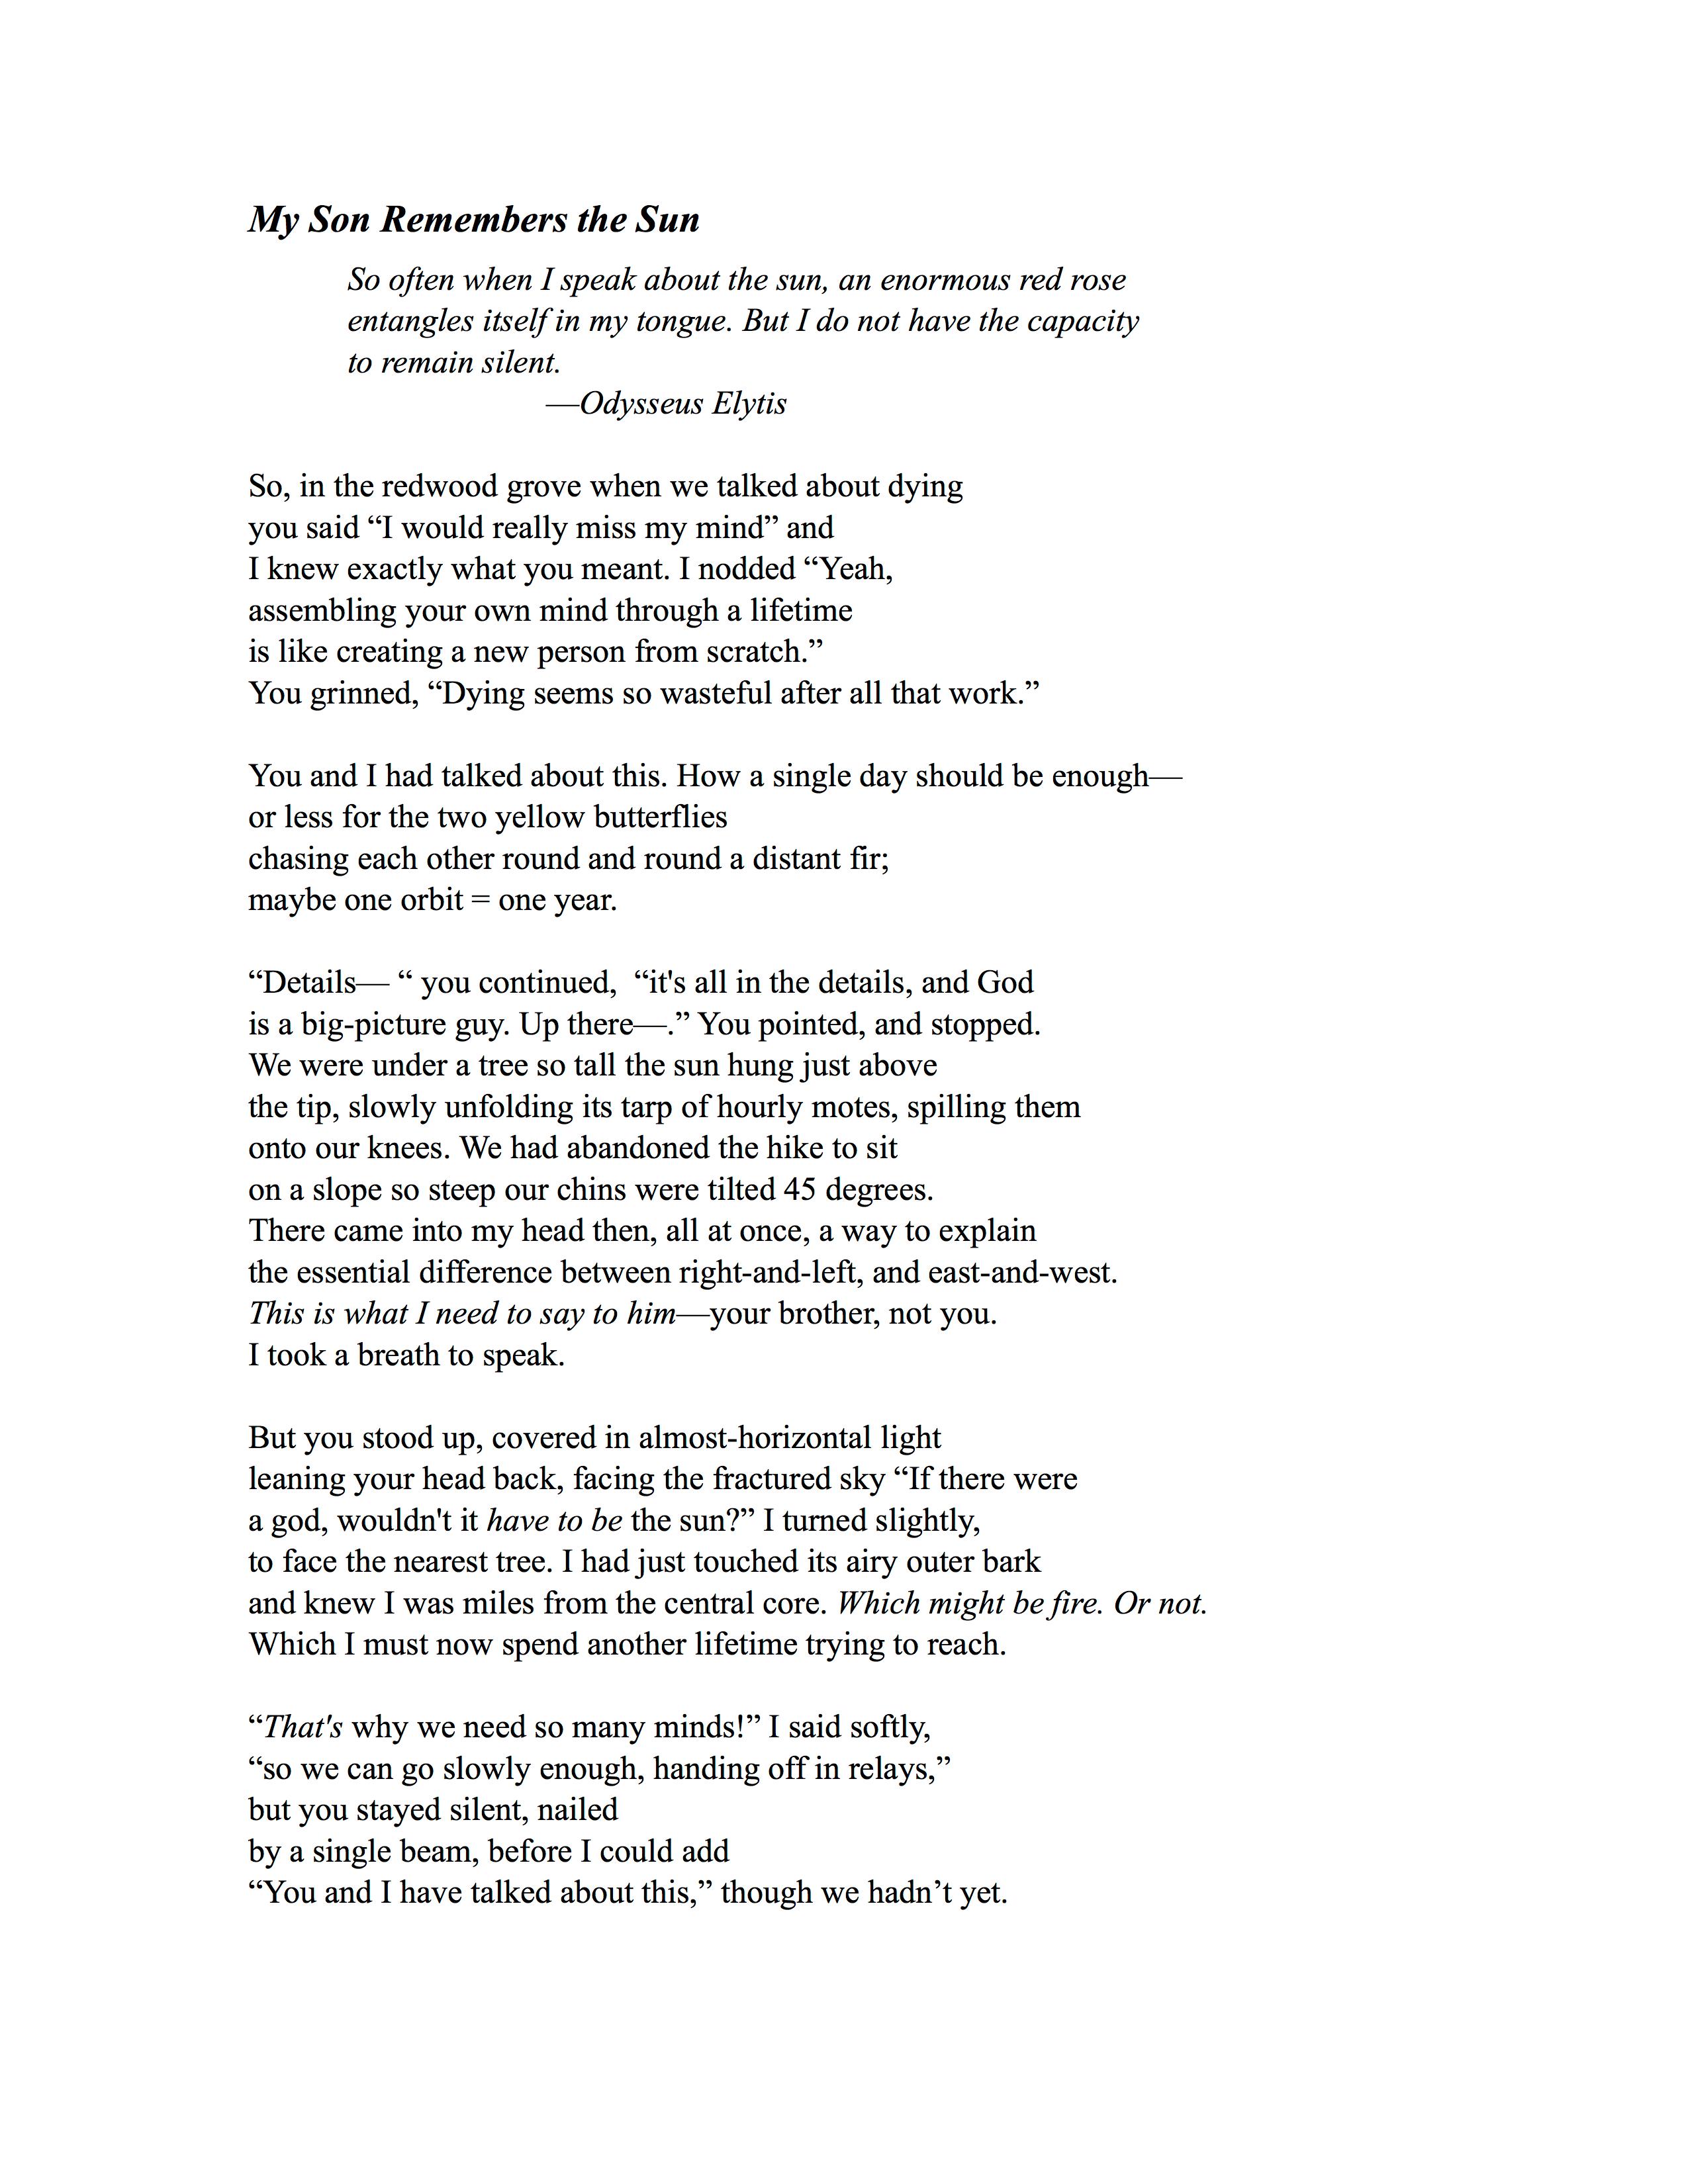 Anita-Poem-03